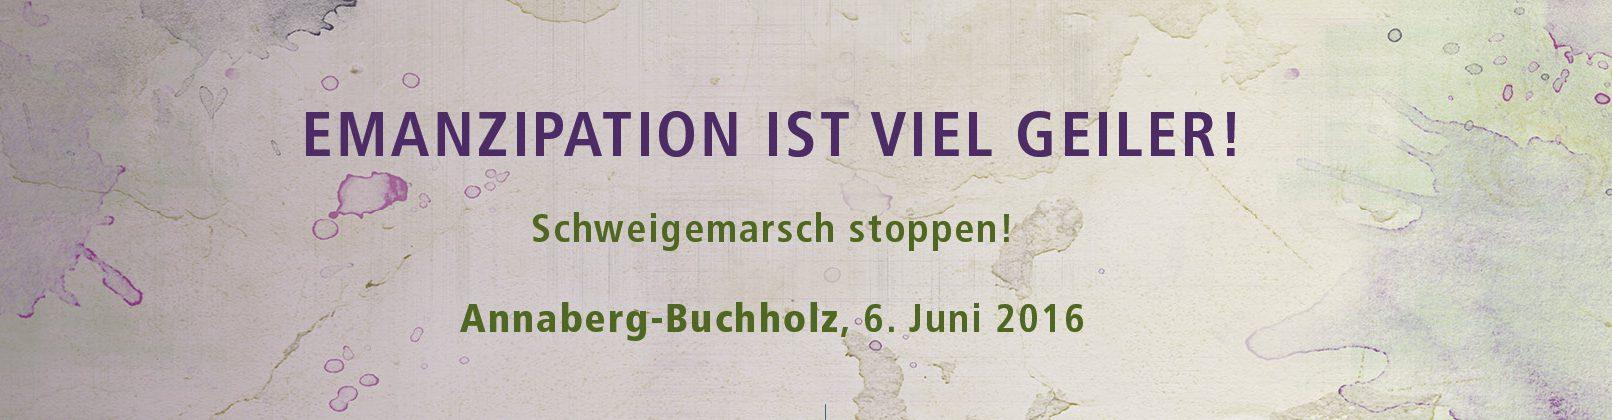 Emazipation ist viel geiler! Schweigemarsch stoppen! Annaberg-Buchholz 6. Juni 2016